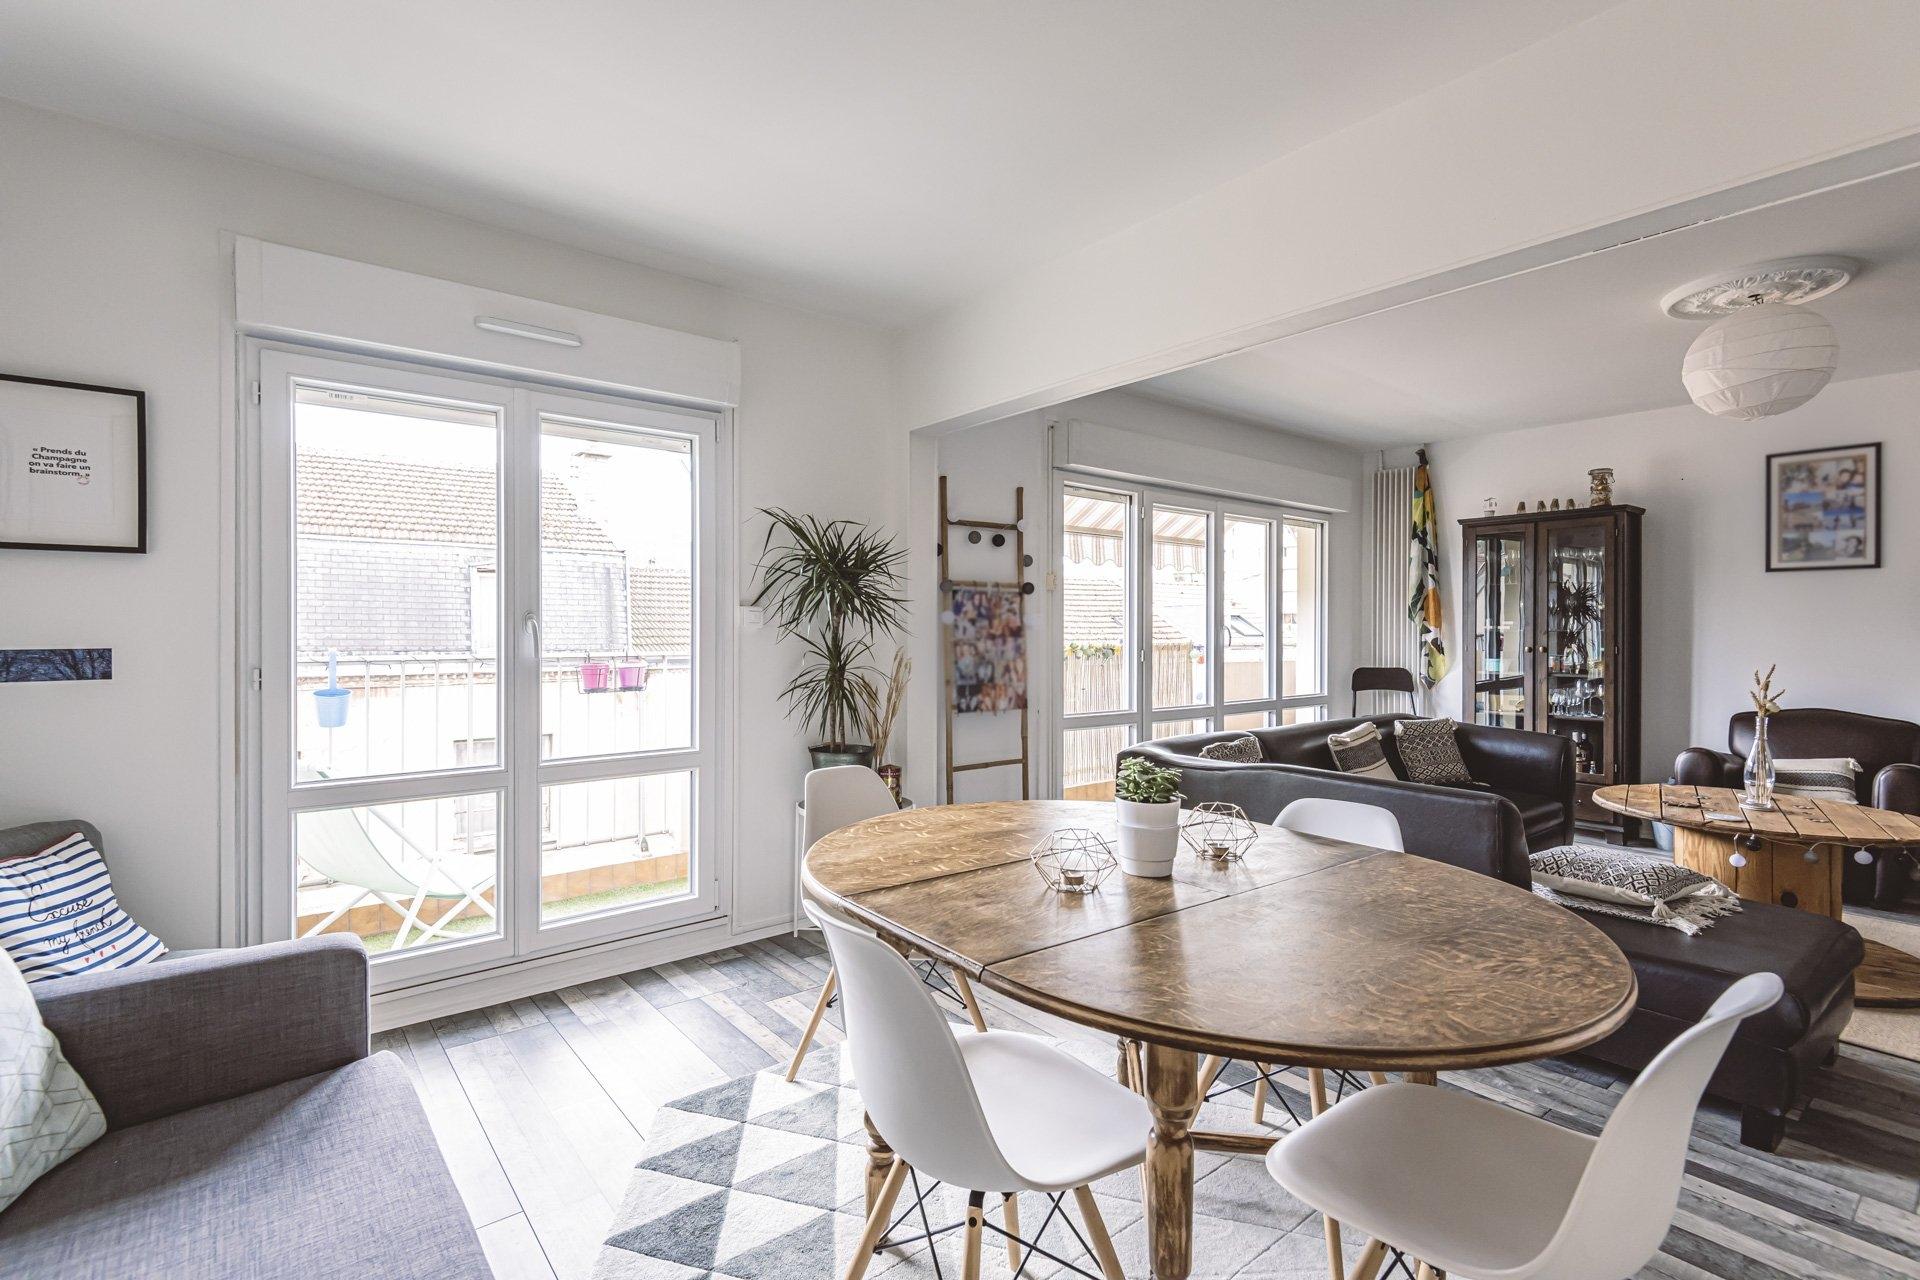 Appartement Reims 3 Pièces 68.3 m2 - Balcon - 2